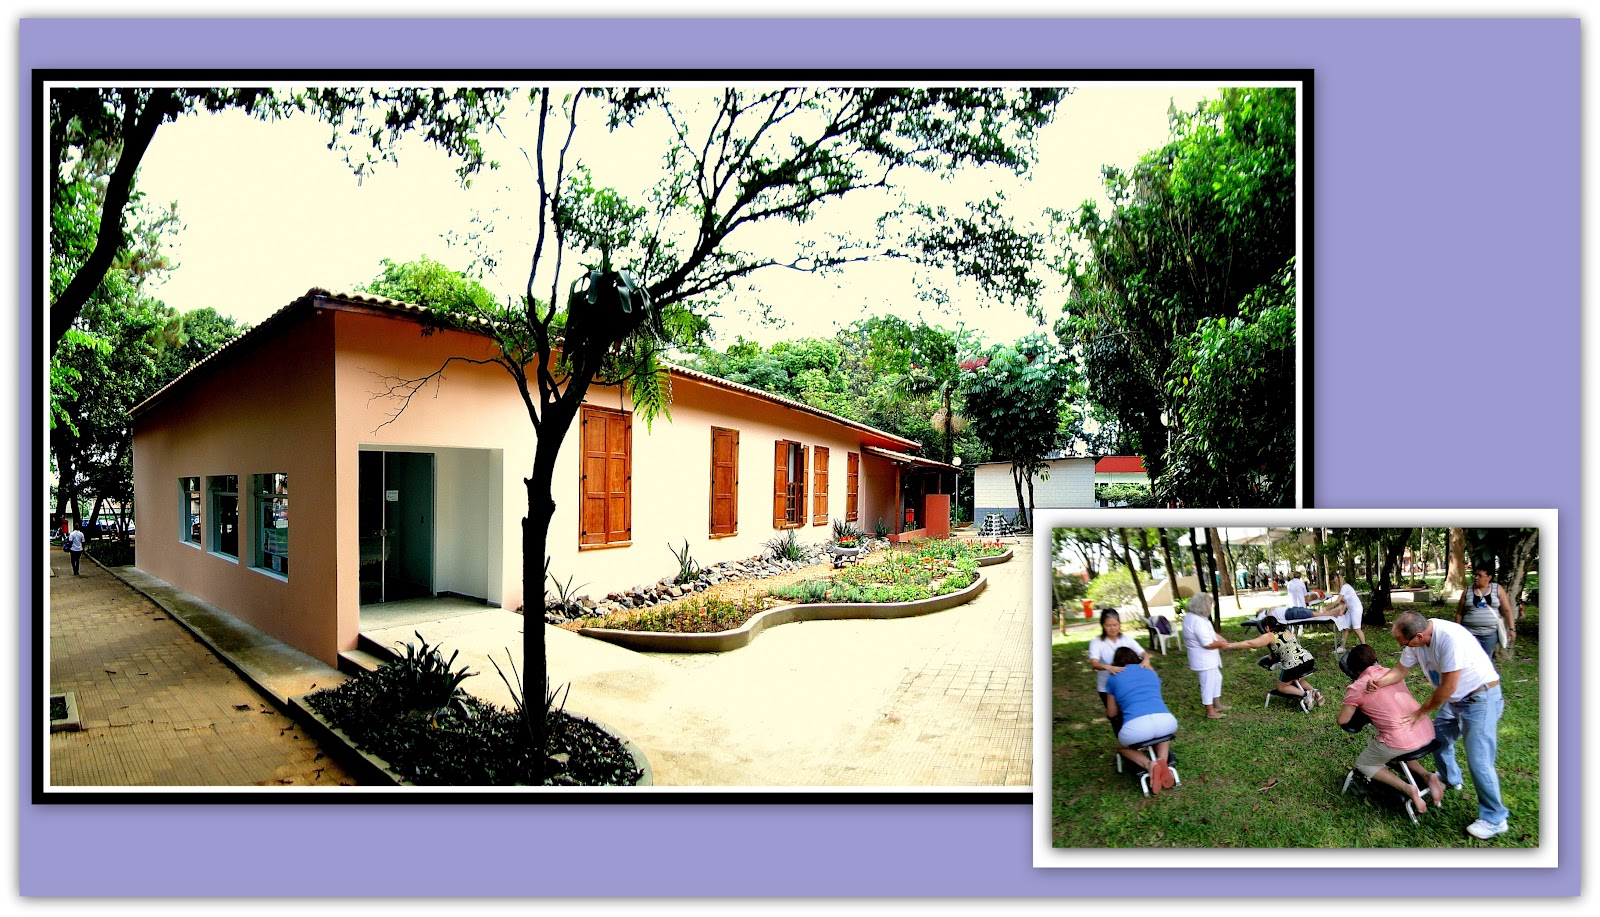 A Prefeitura realiza nos dias 28 e 29 deste mês o 2º Encontro de Terapeutas  de Guarulhos e Grande São Paulo no Centro de Referência em Terapias  Naturais e ... 784a55cdf21